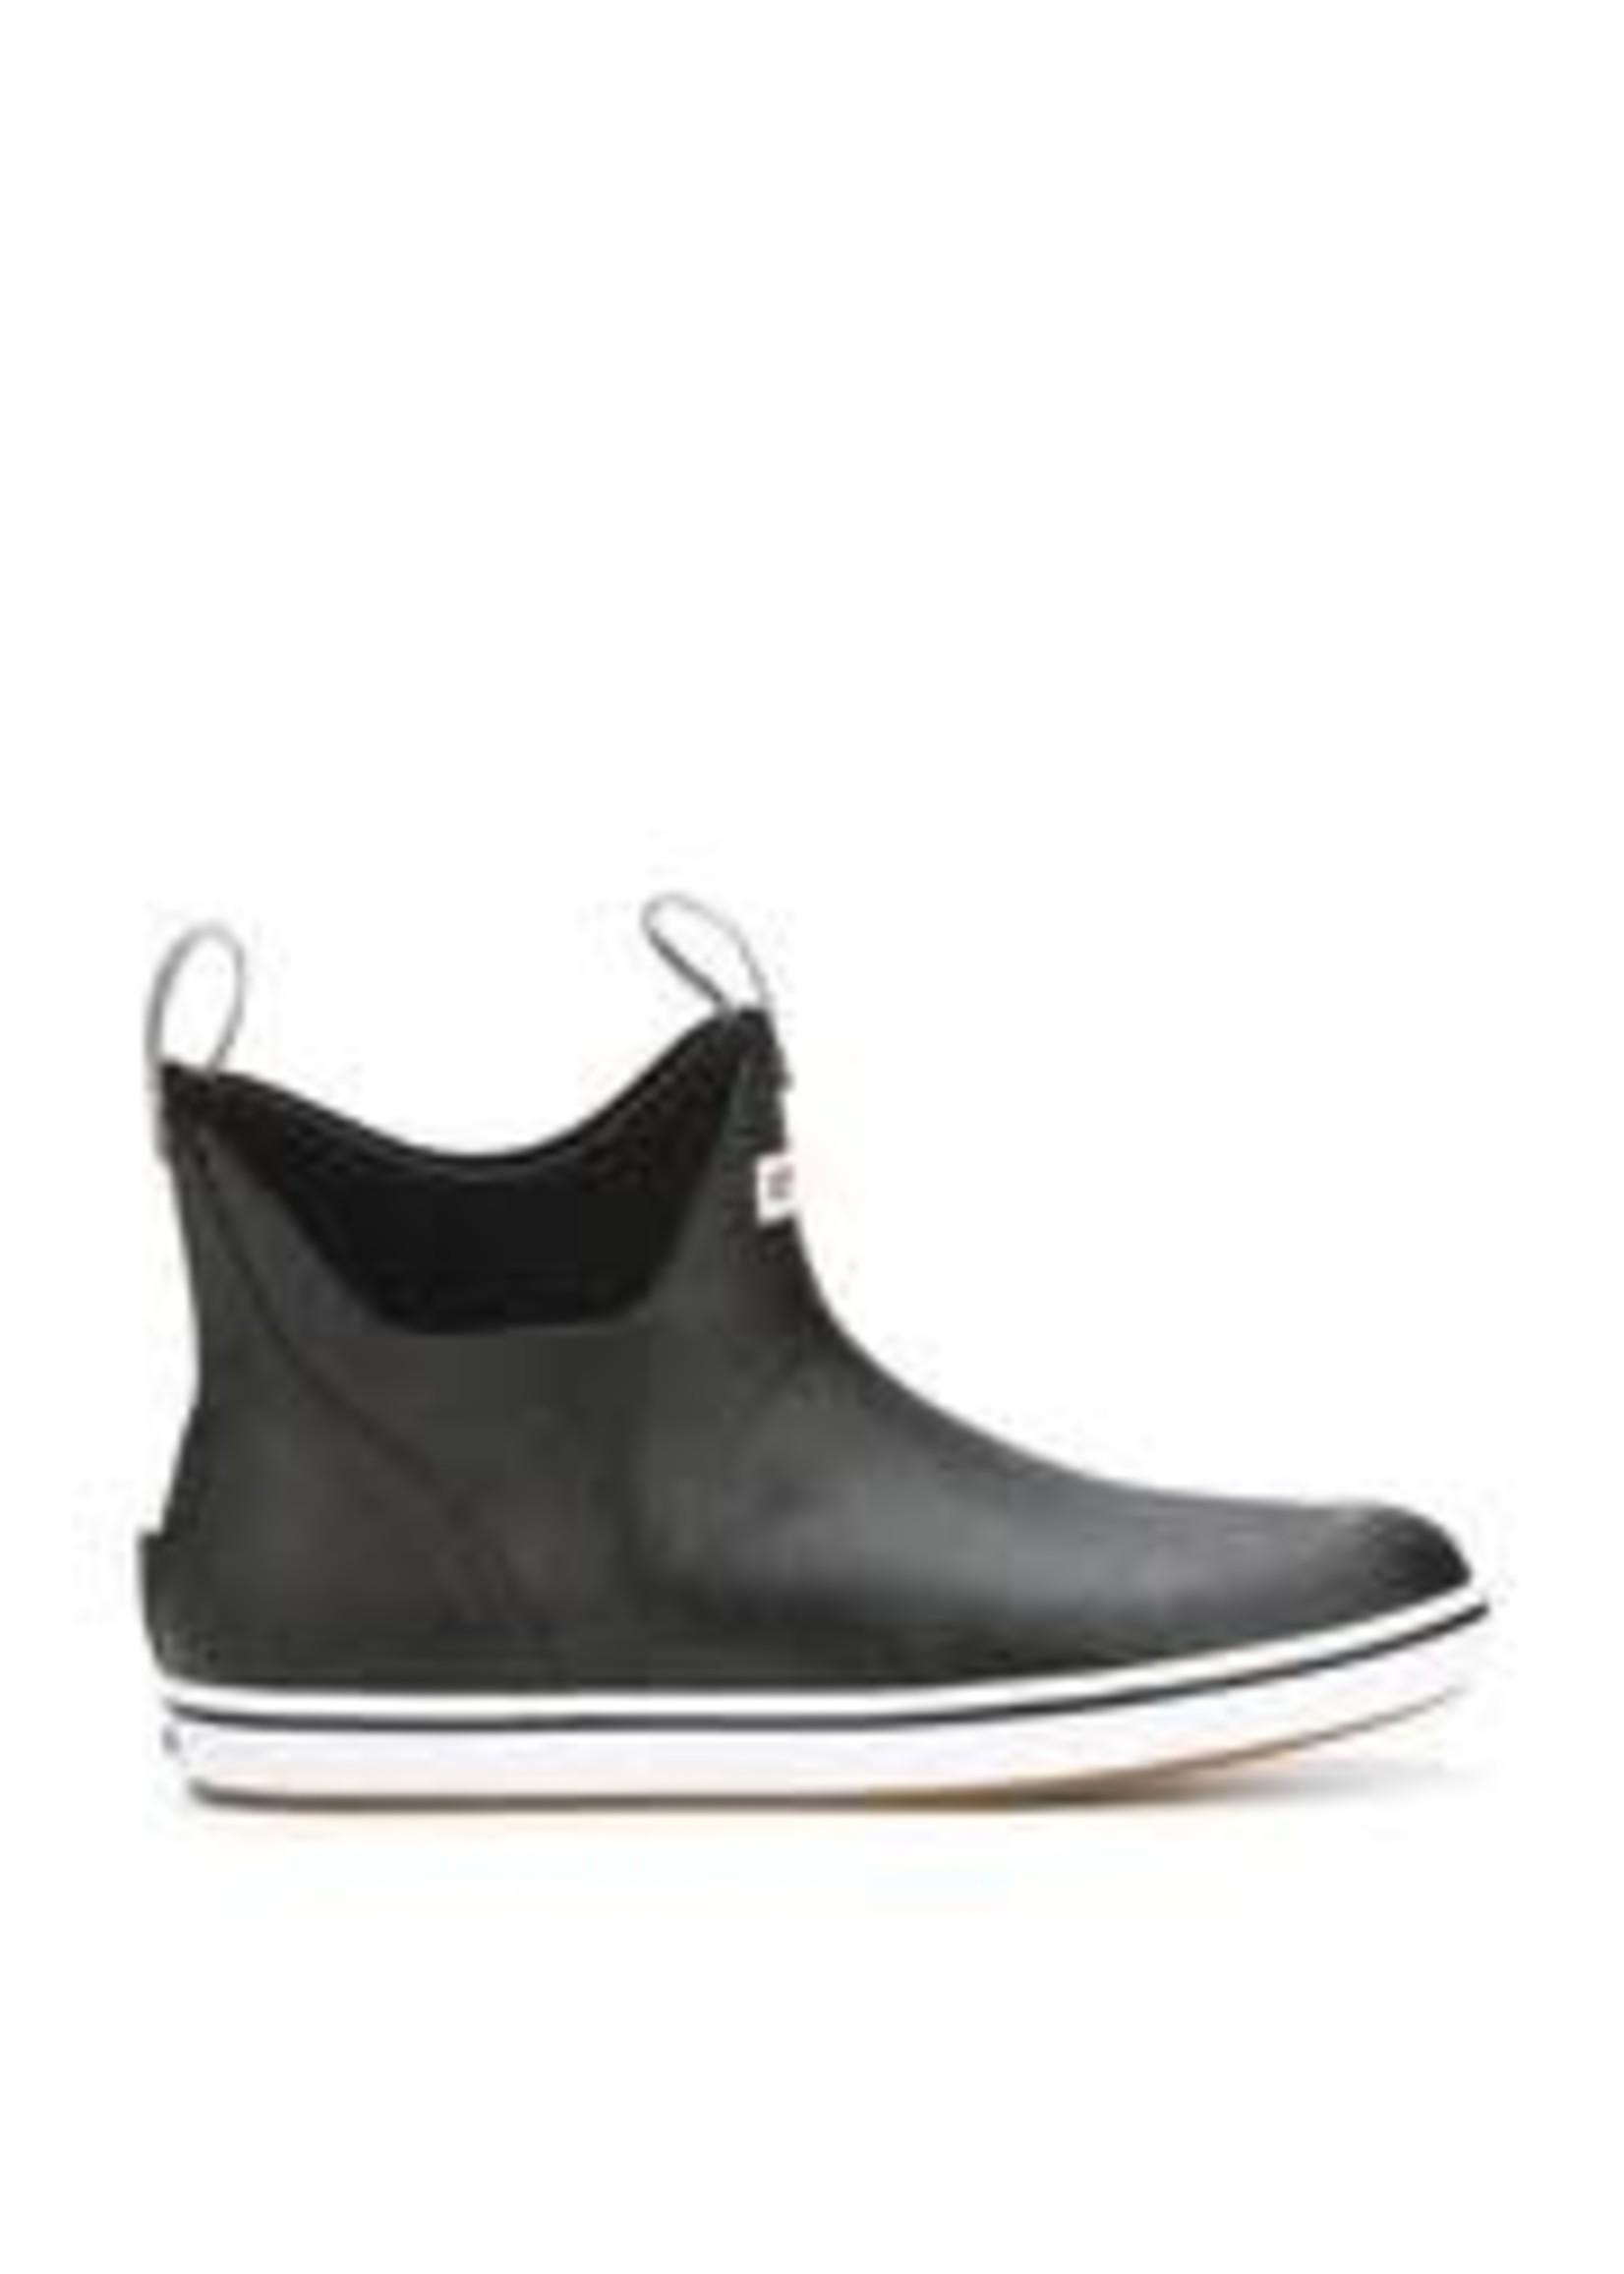 XTRATUF XtraTuf Men's Ankle Deck Boot